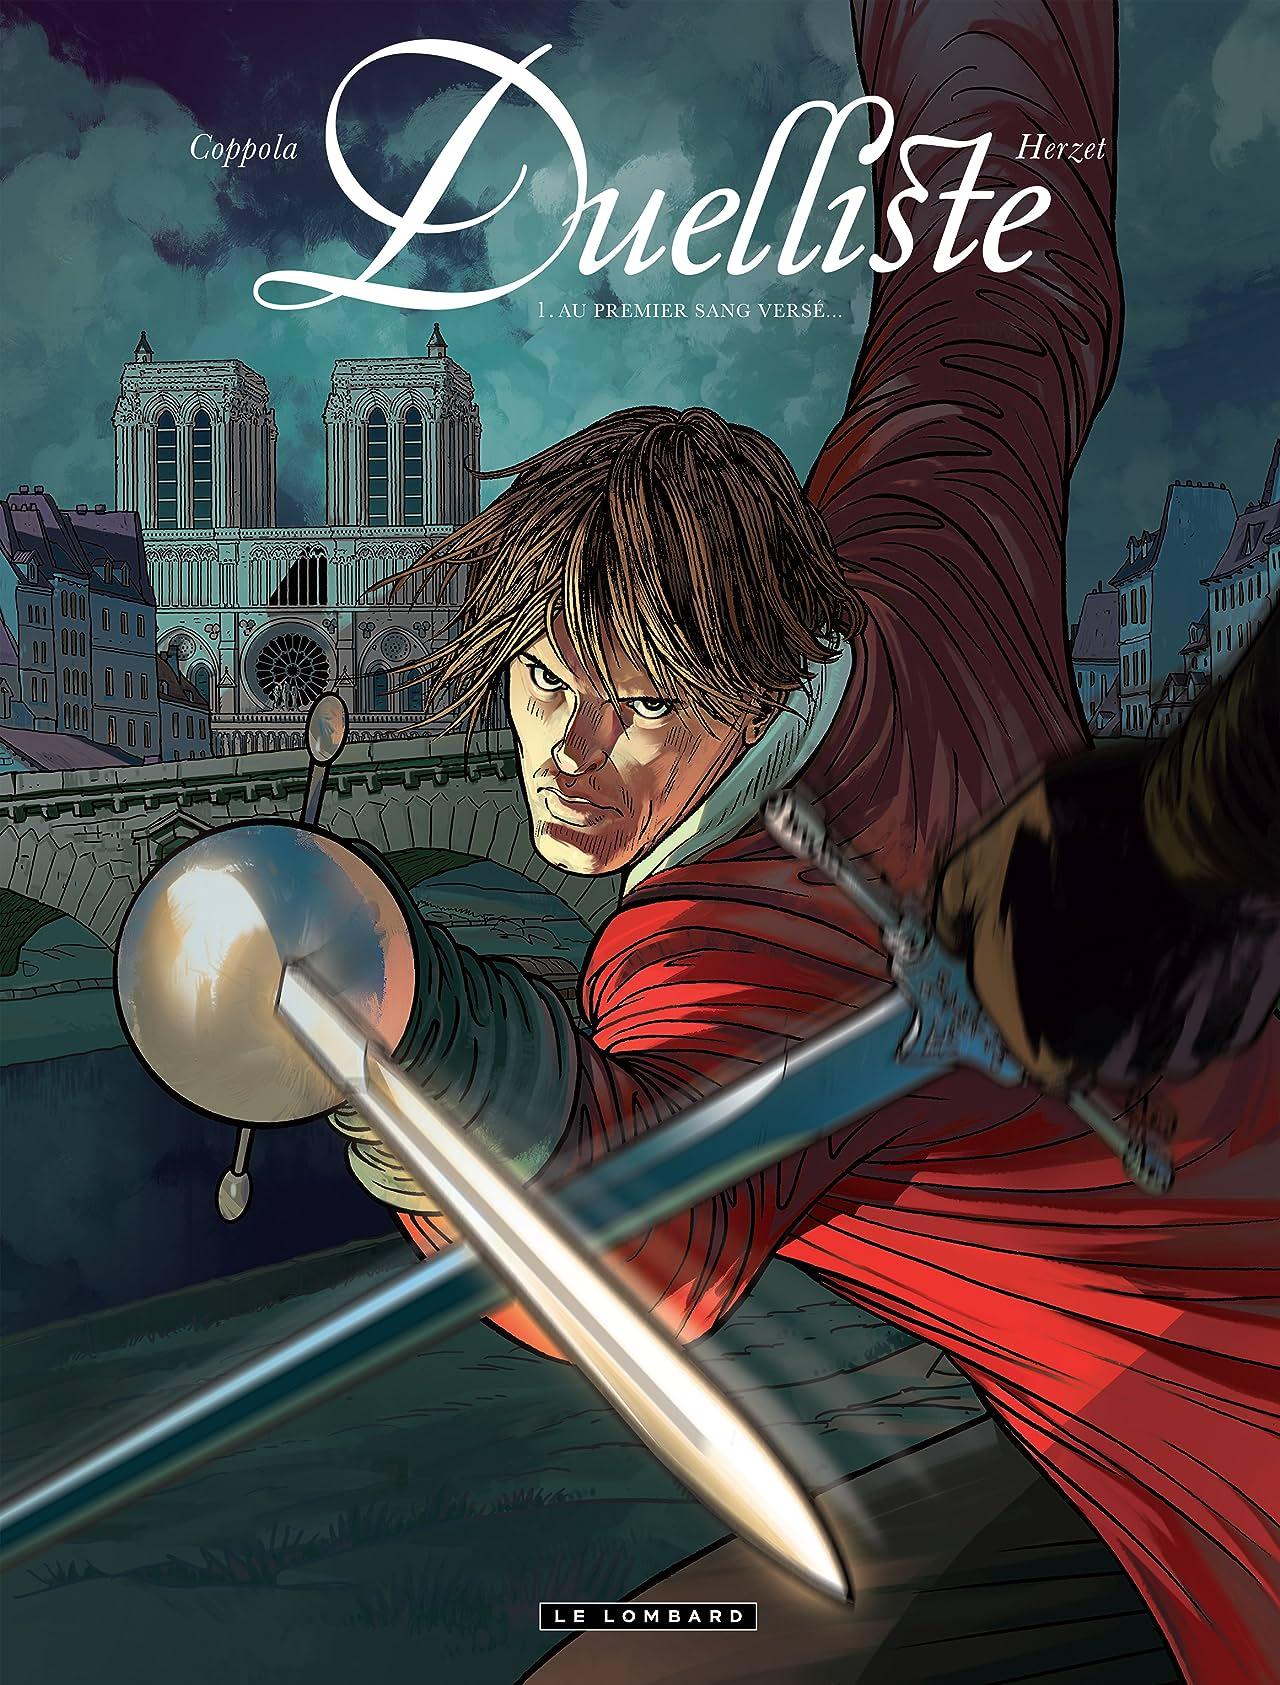 Duelliste Vol. 1: Au premier sang versé